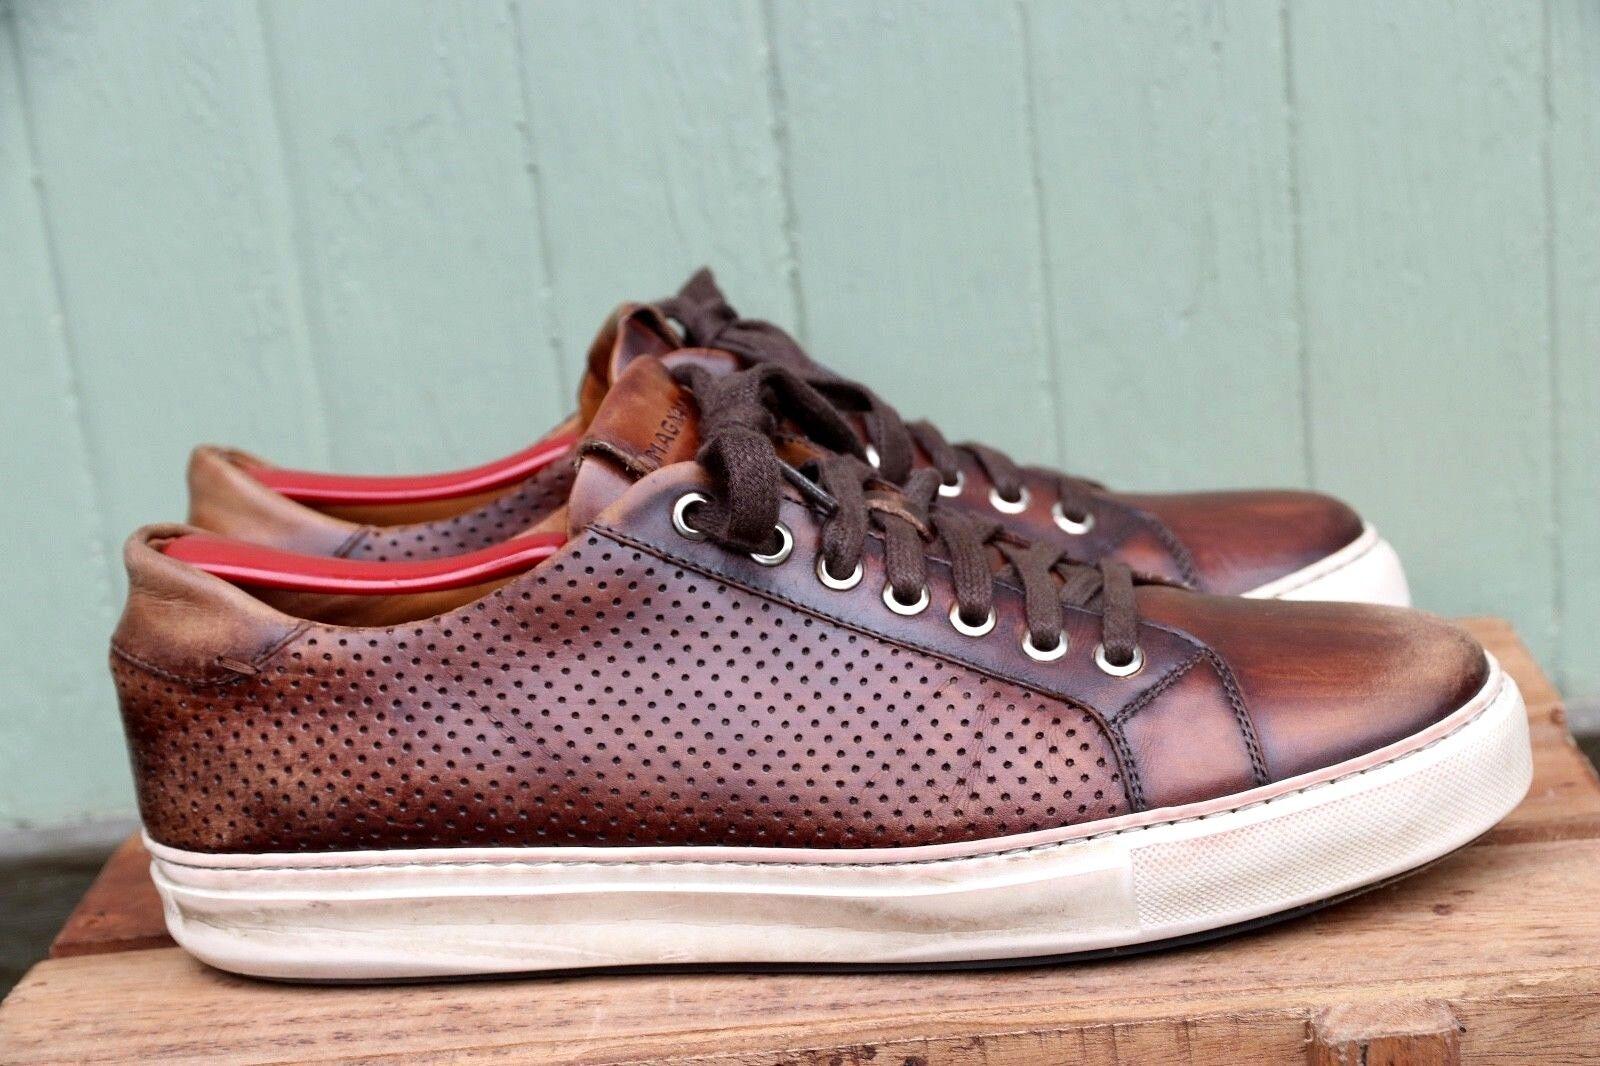 Magnanni en cuir marron LO Décontracté Tennis Chaussures Semelle en caoutchouc blanc taille homme 8.5 M